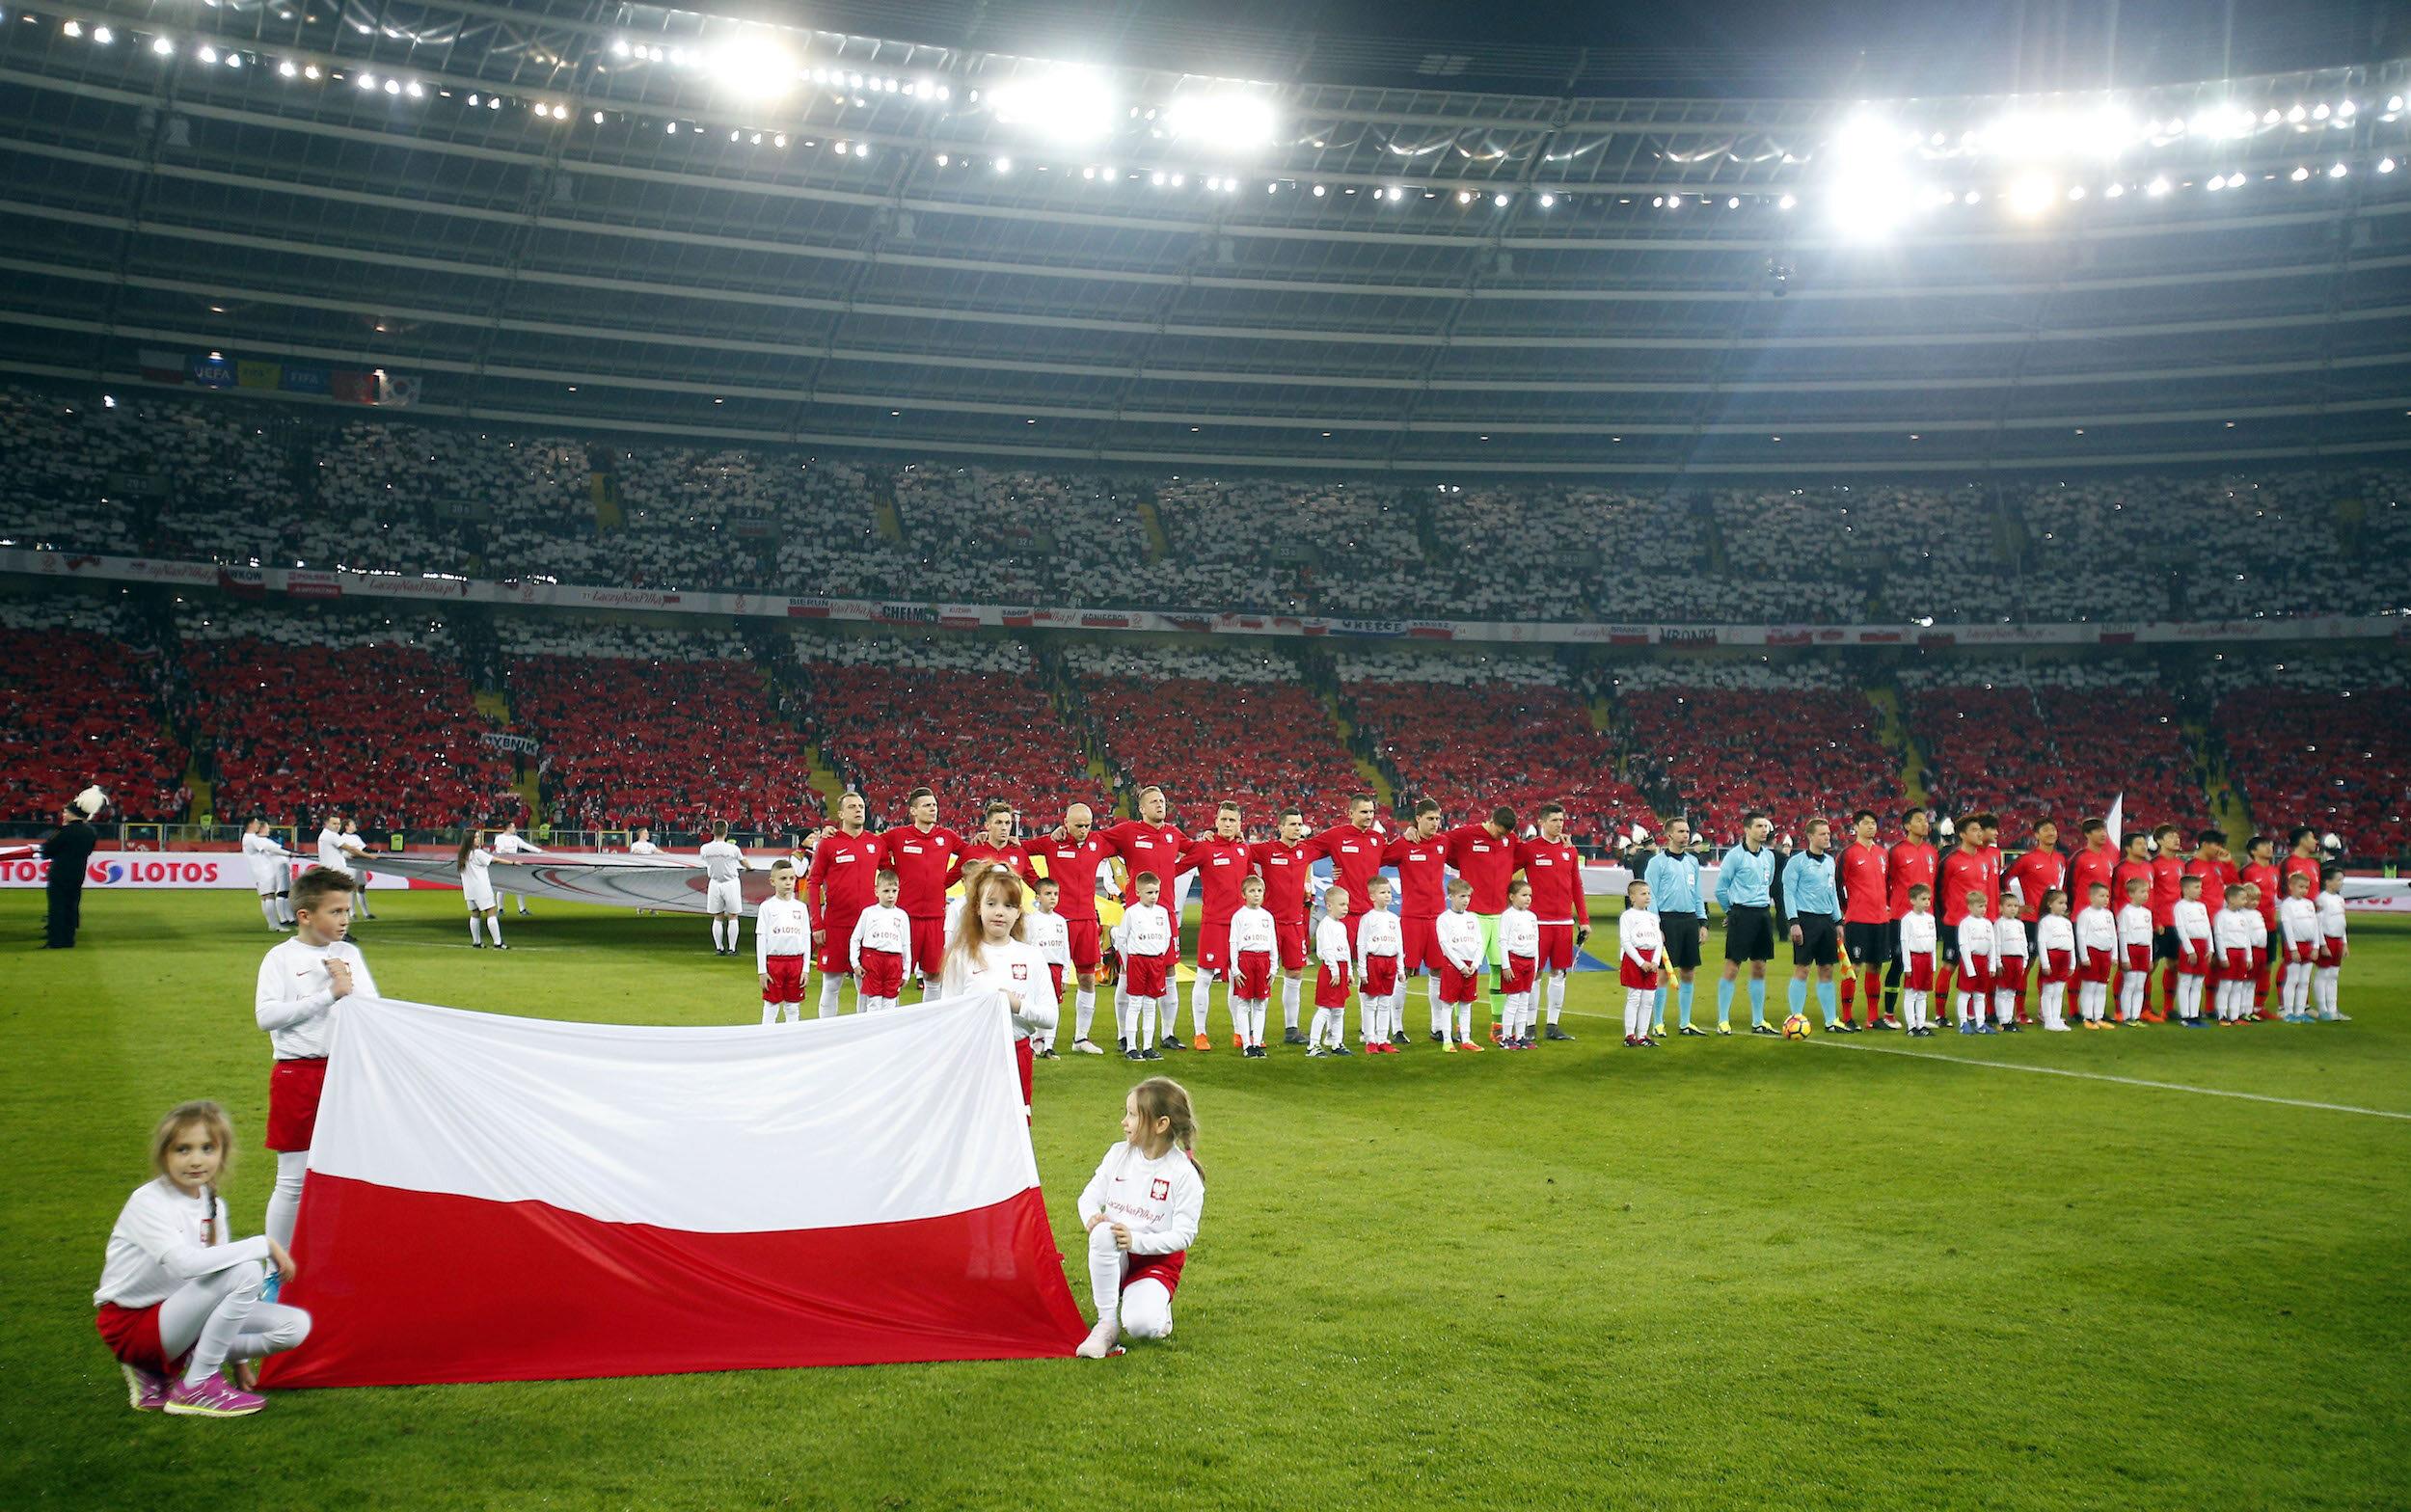 Kadr przed meczem Polska - Korea Płd. na Stadionie Śląskim (marzec 2018 r.)